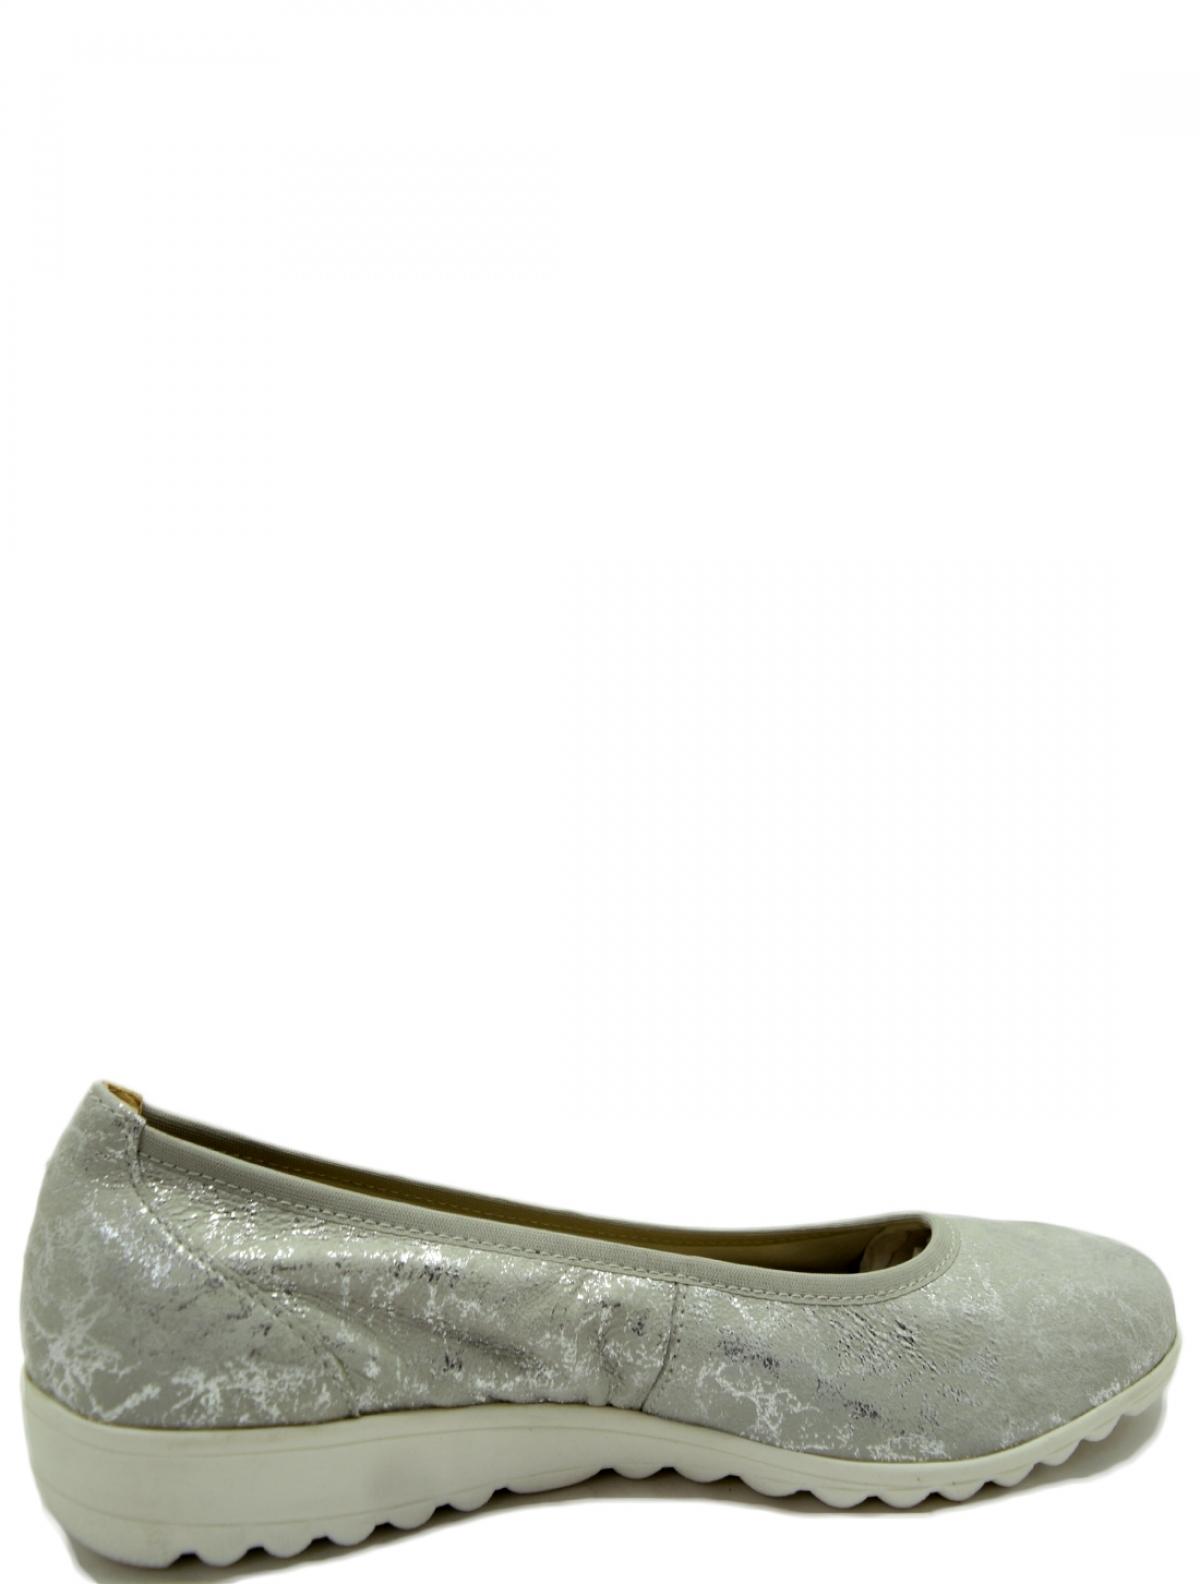 Caprice 9-22161-24-245 женские балетки